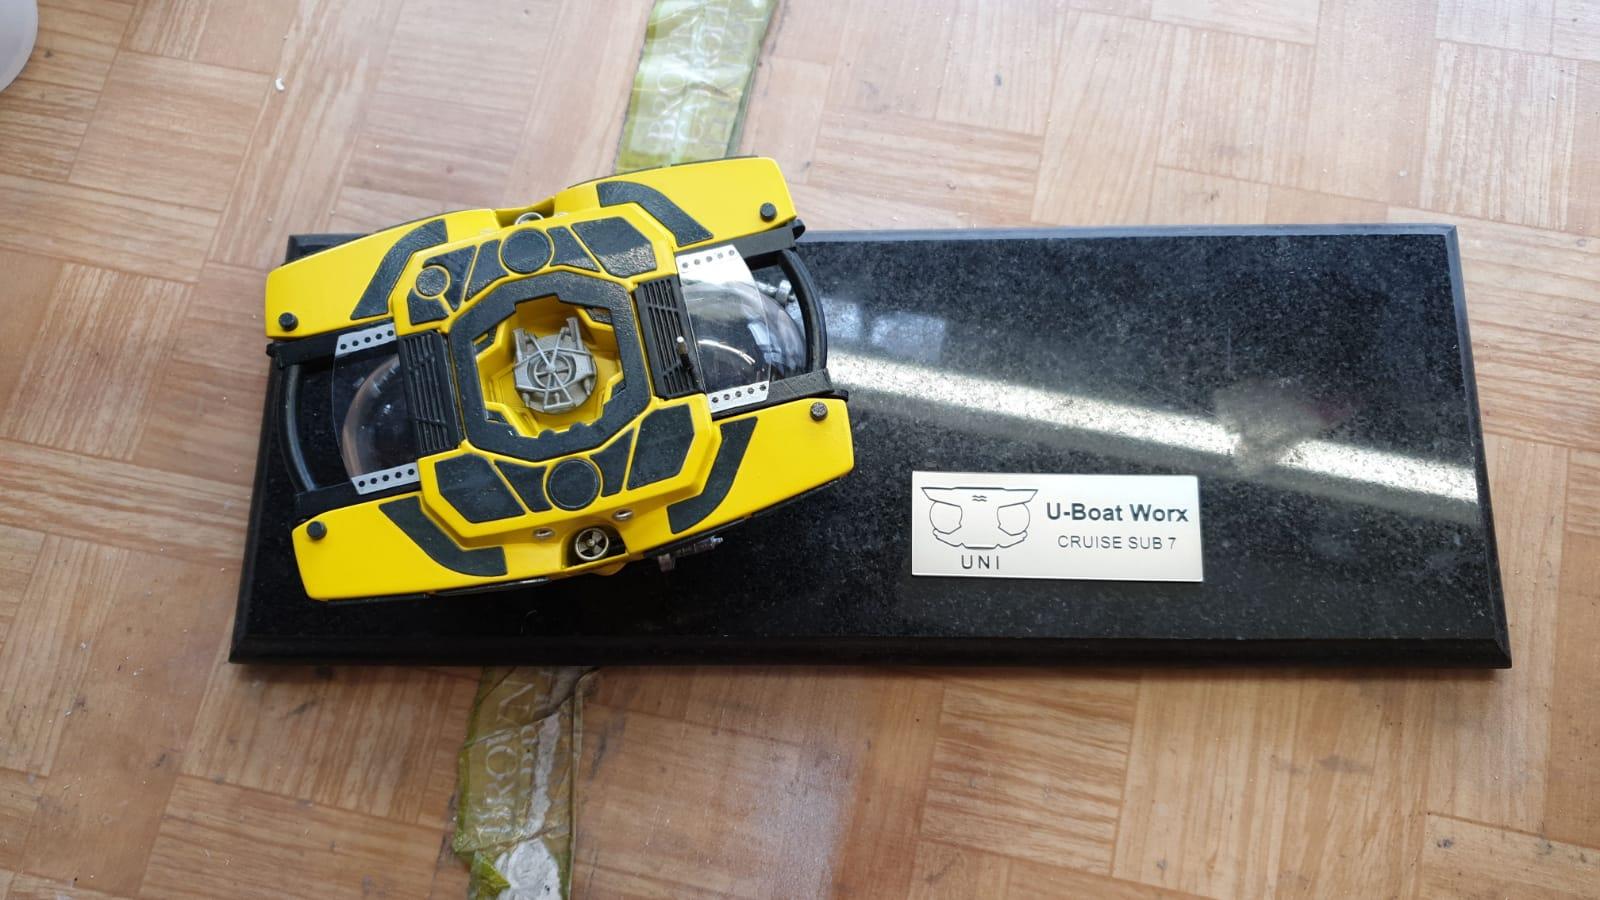 Cruise Sub 7 Submersible Model